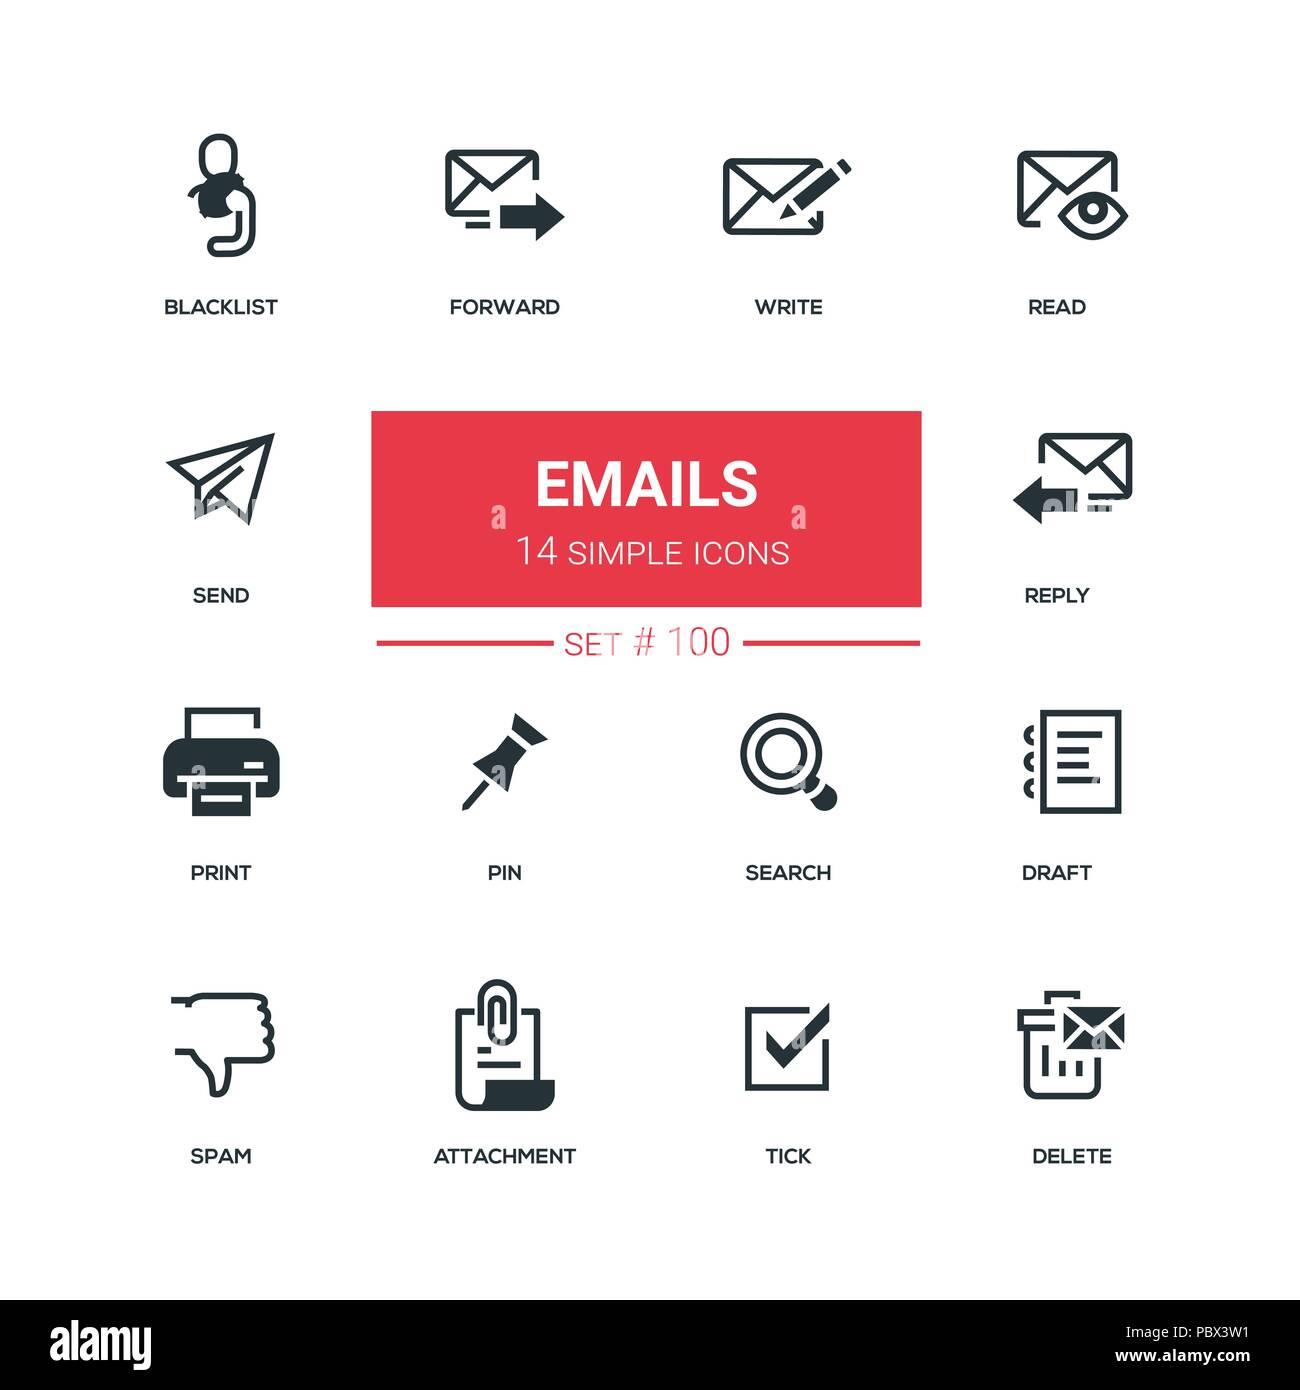 Emails - flat design style icons set - Stock Image